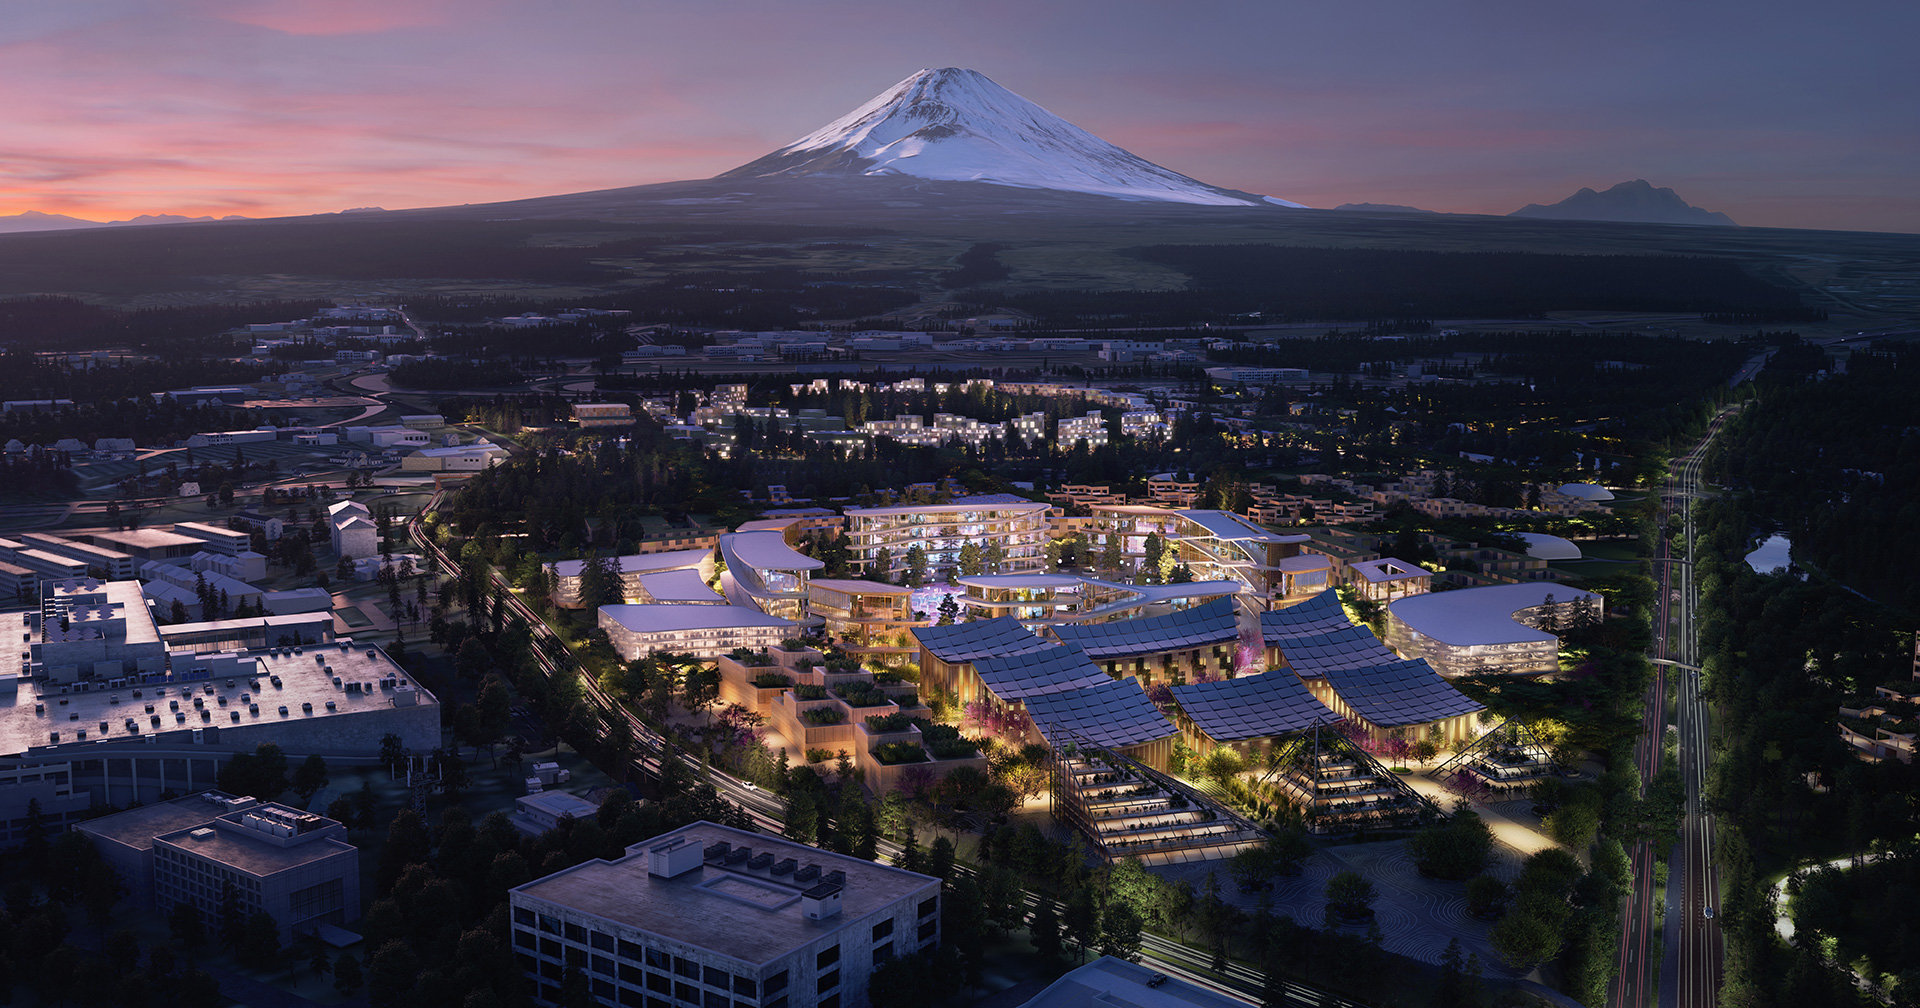 トヨタ、「ネットにつながる実験都市」静岡に建設へ 自動運転・ロボットなど導入 2000人が居住 - ITmedia NEWS